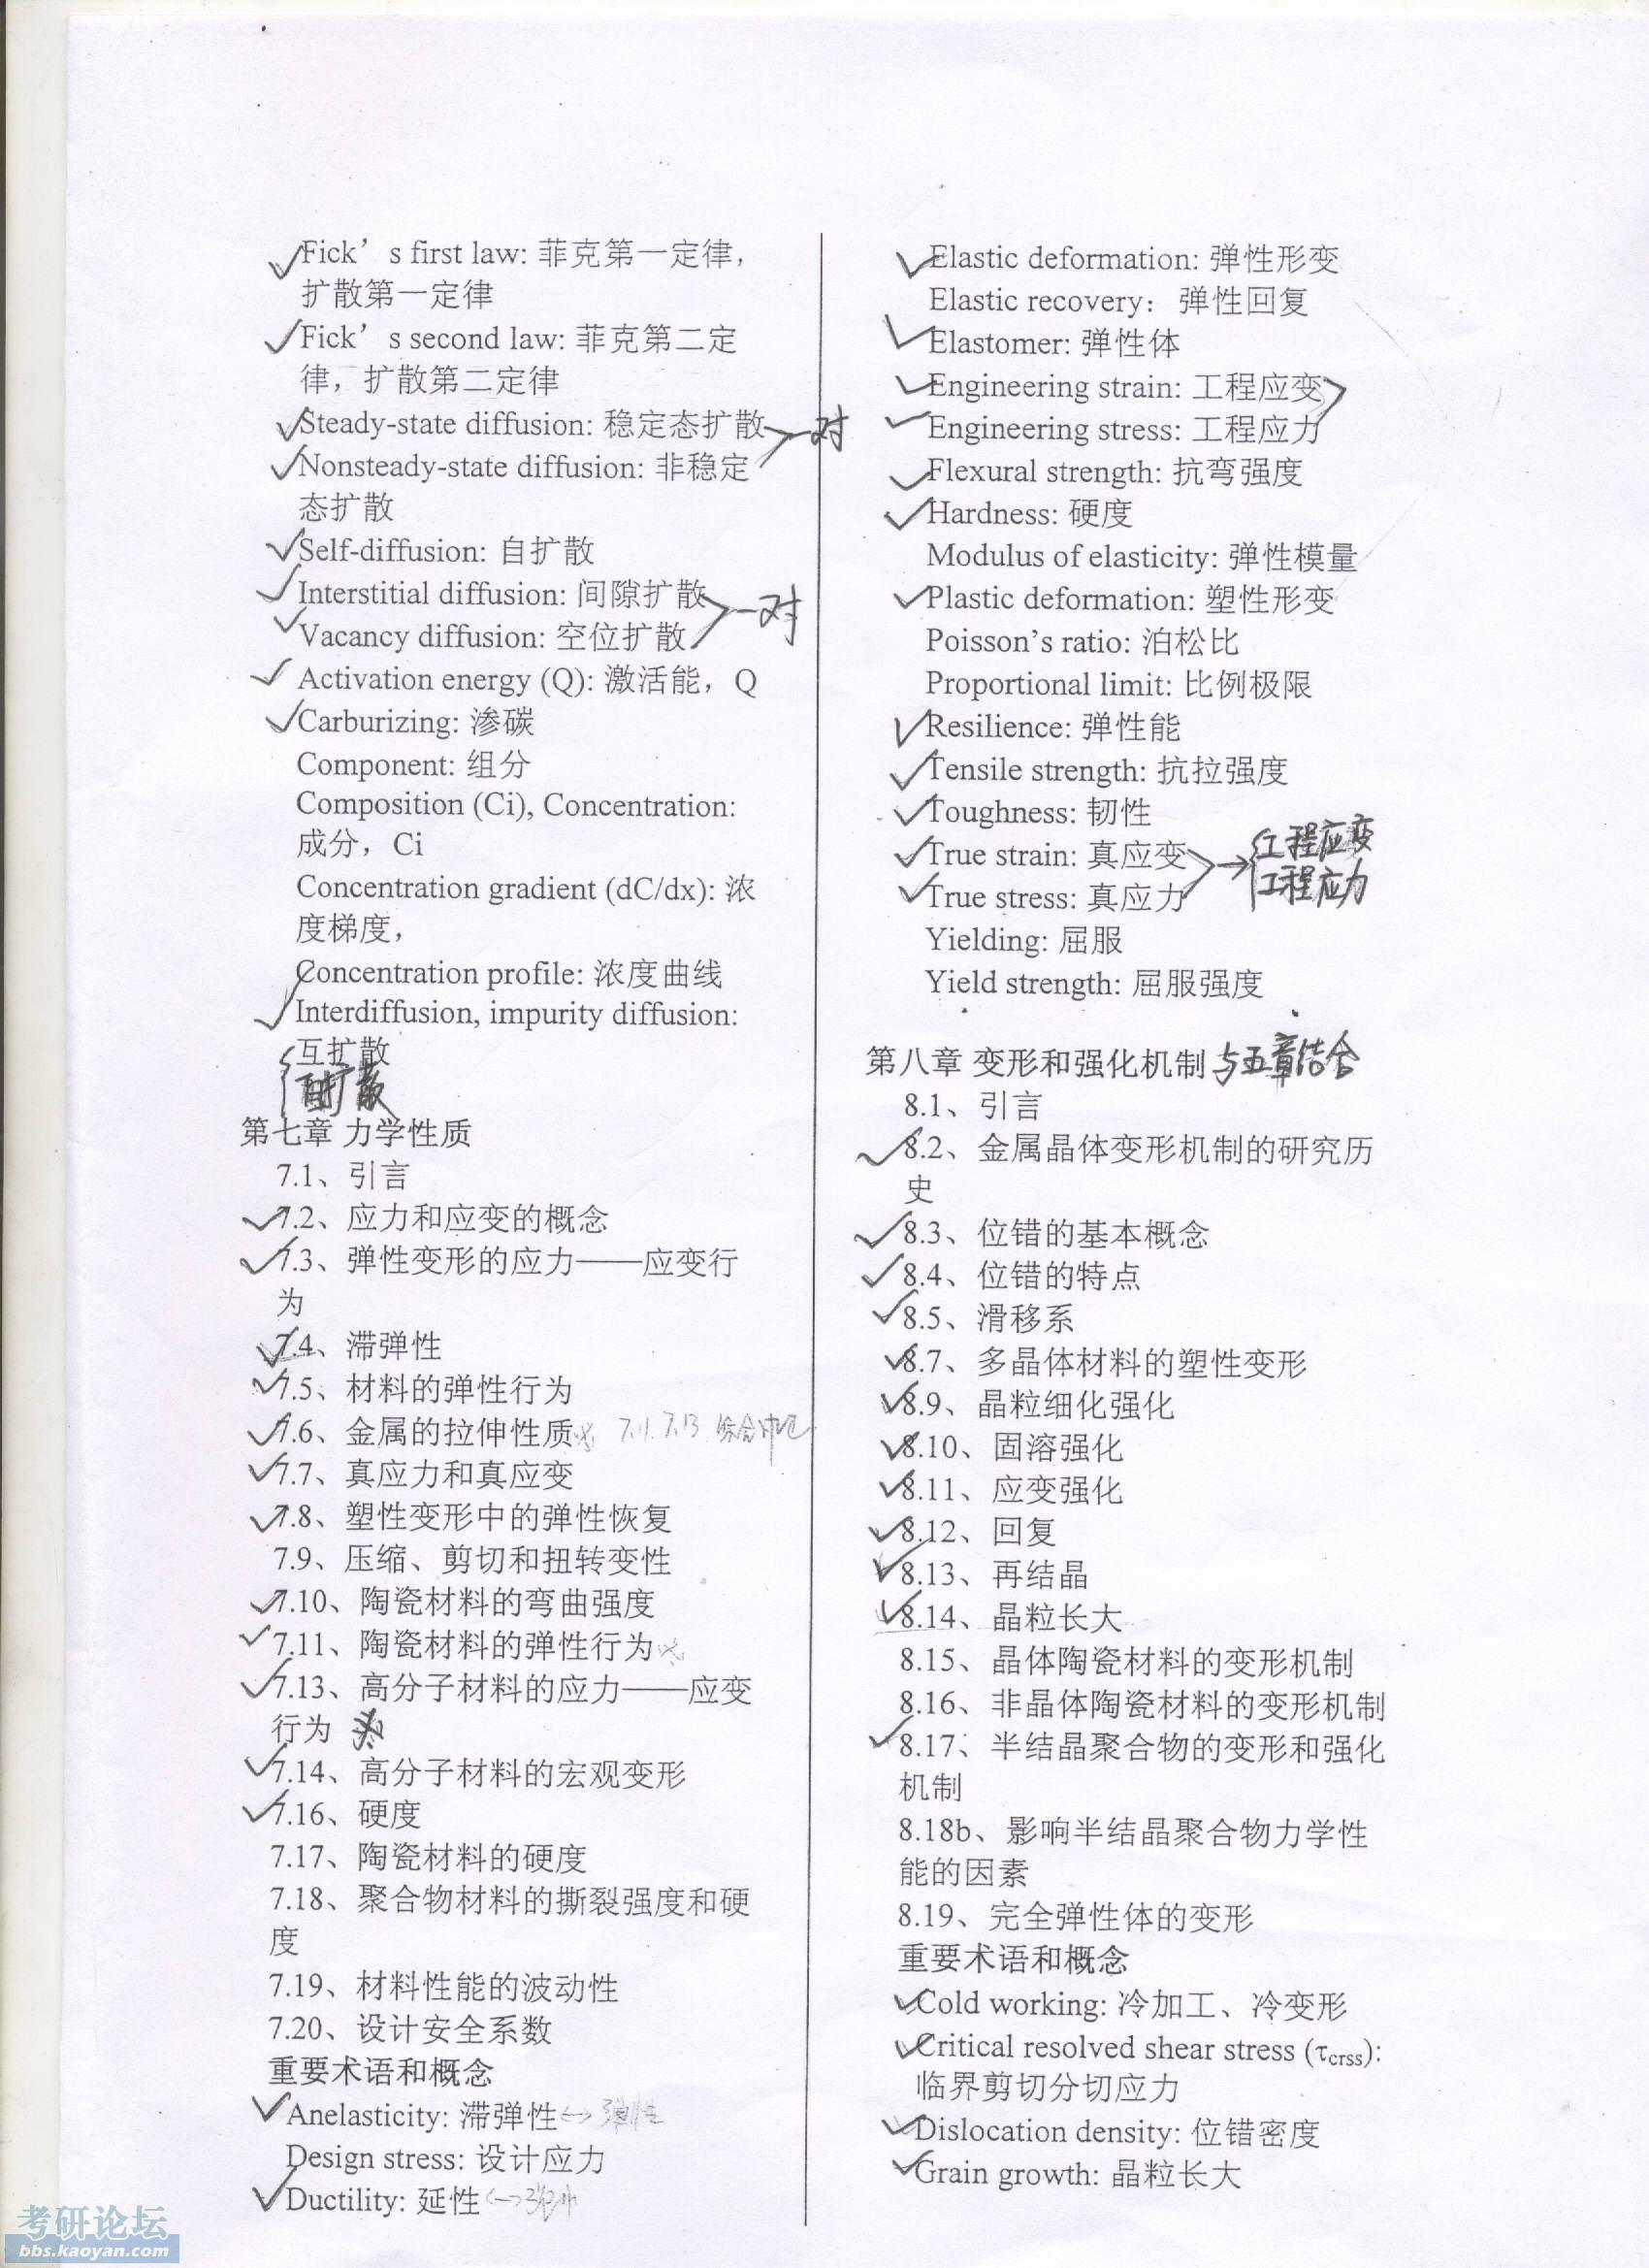 File0006.Jpg